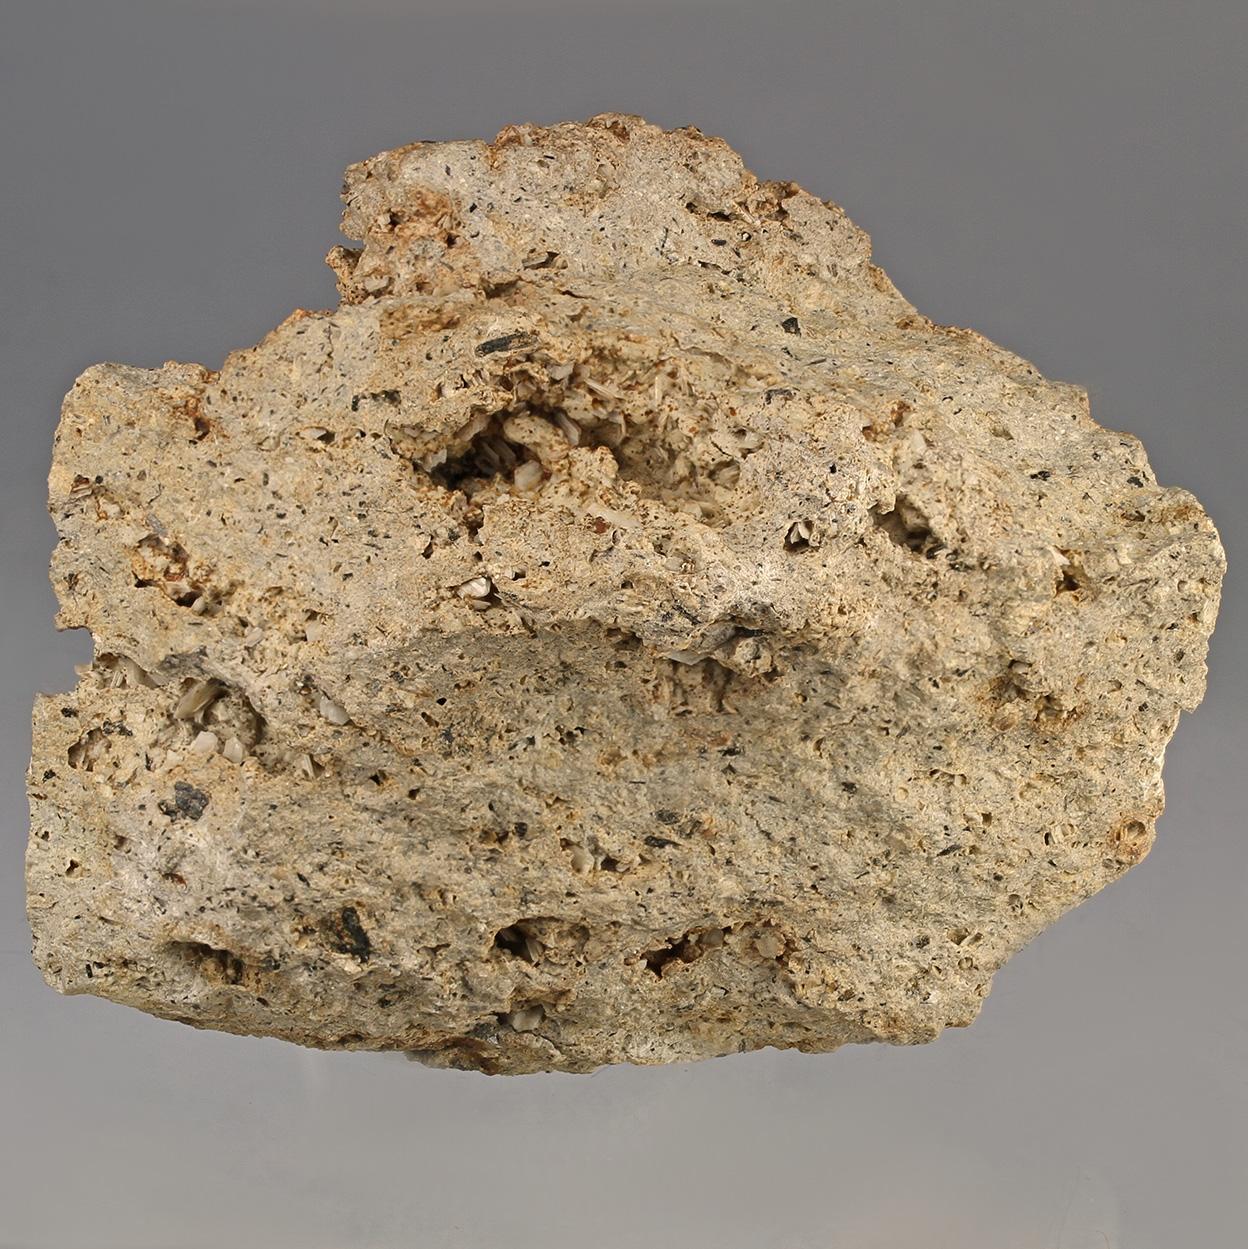 Tridymite